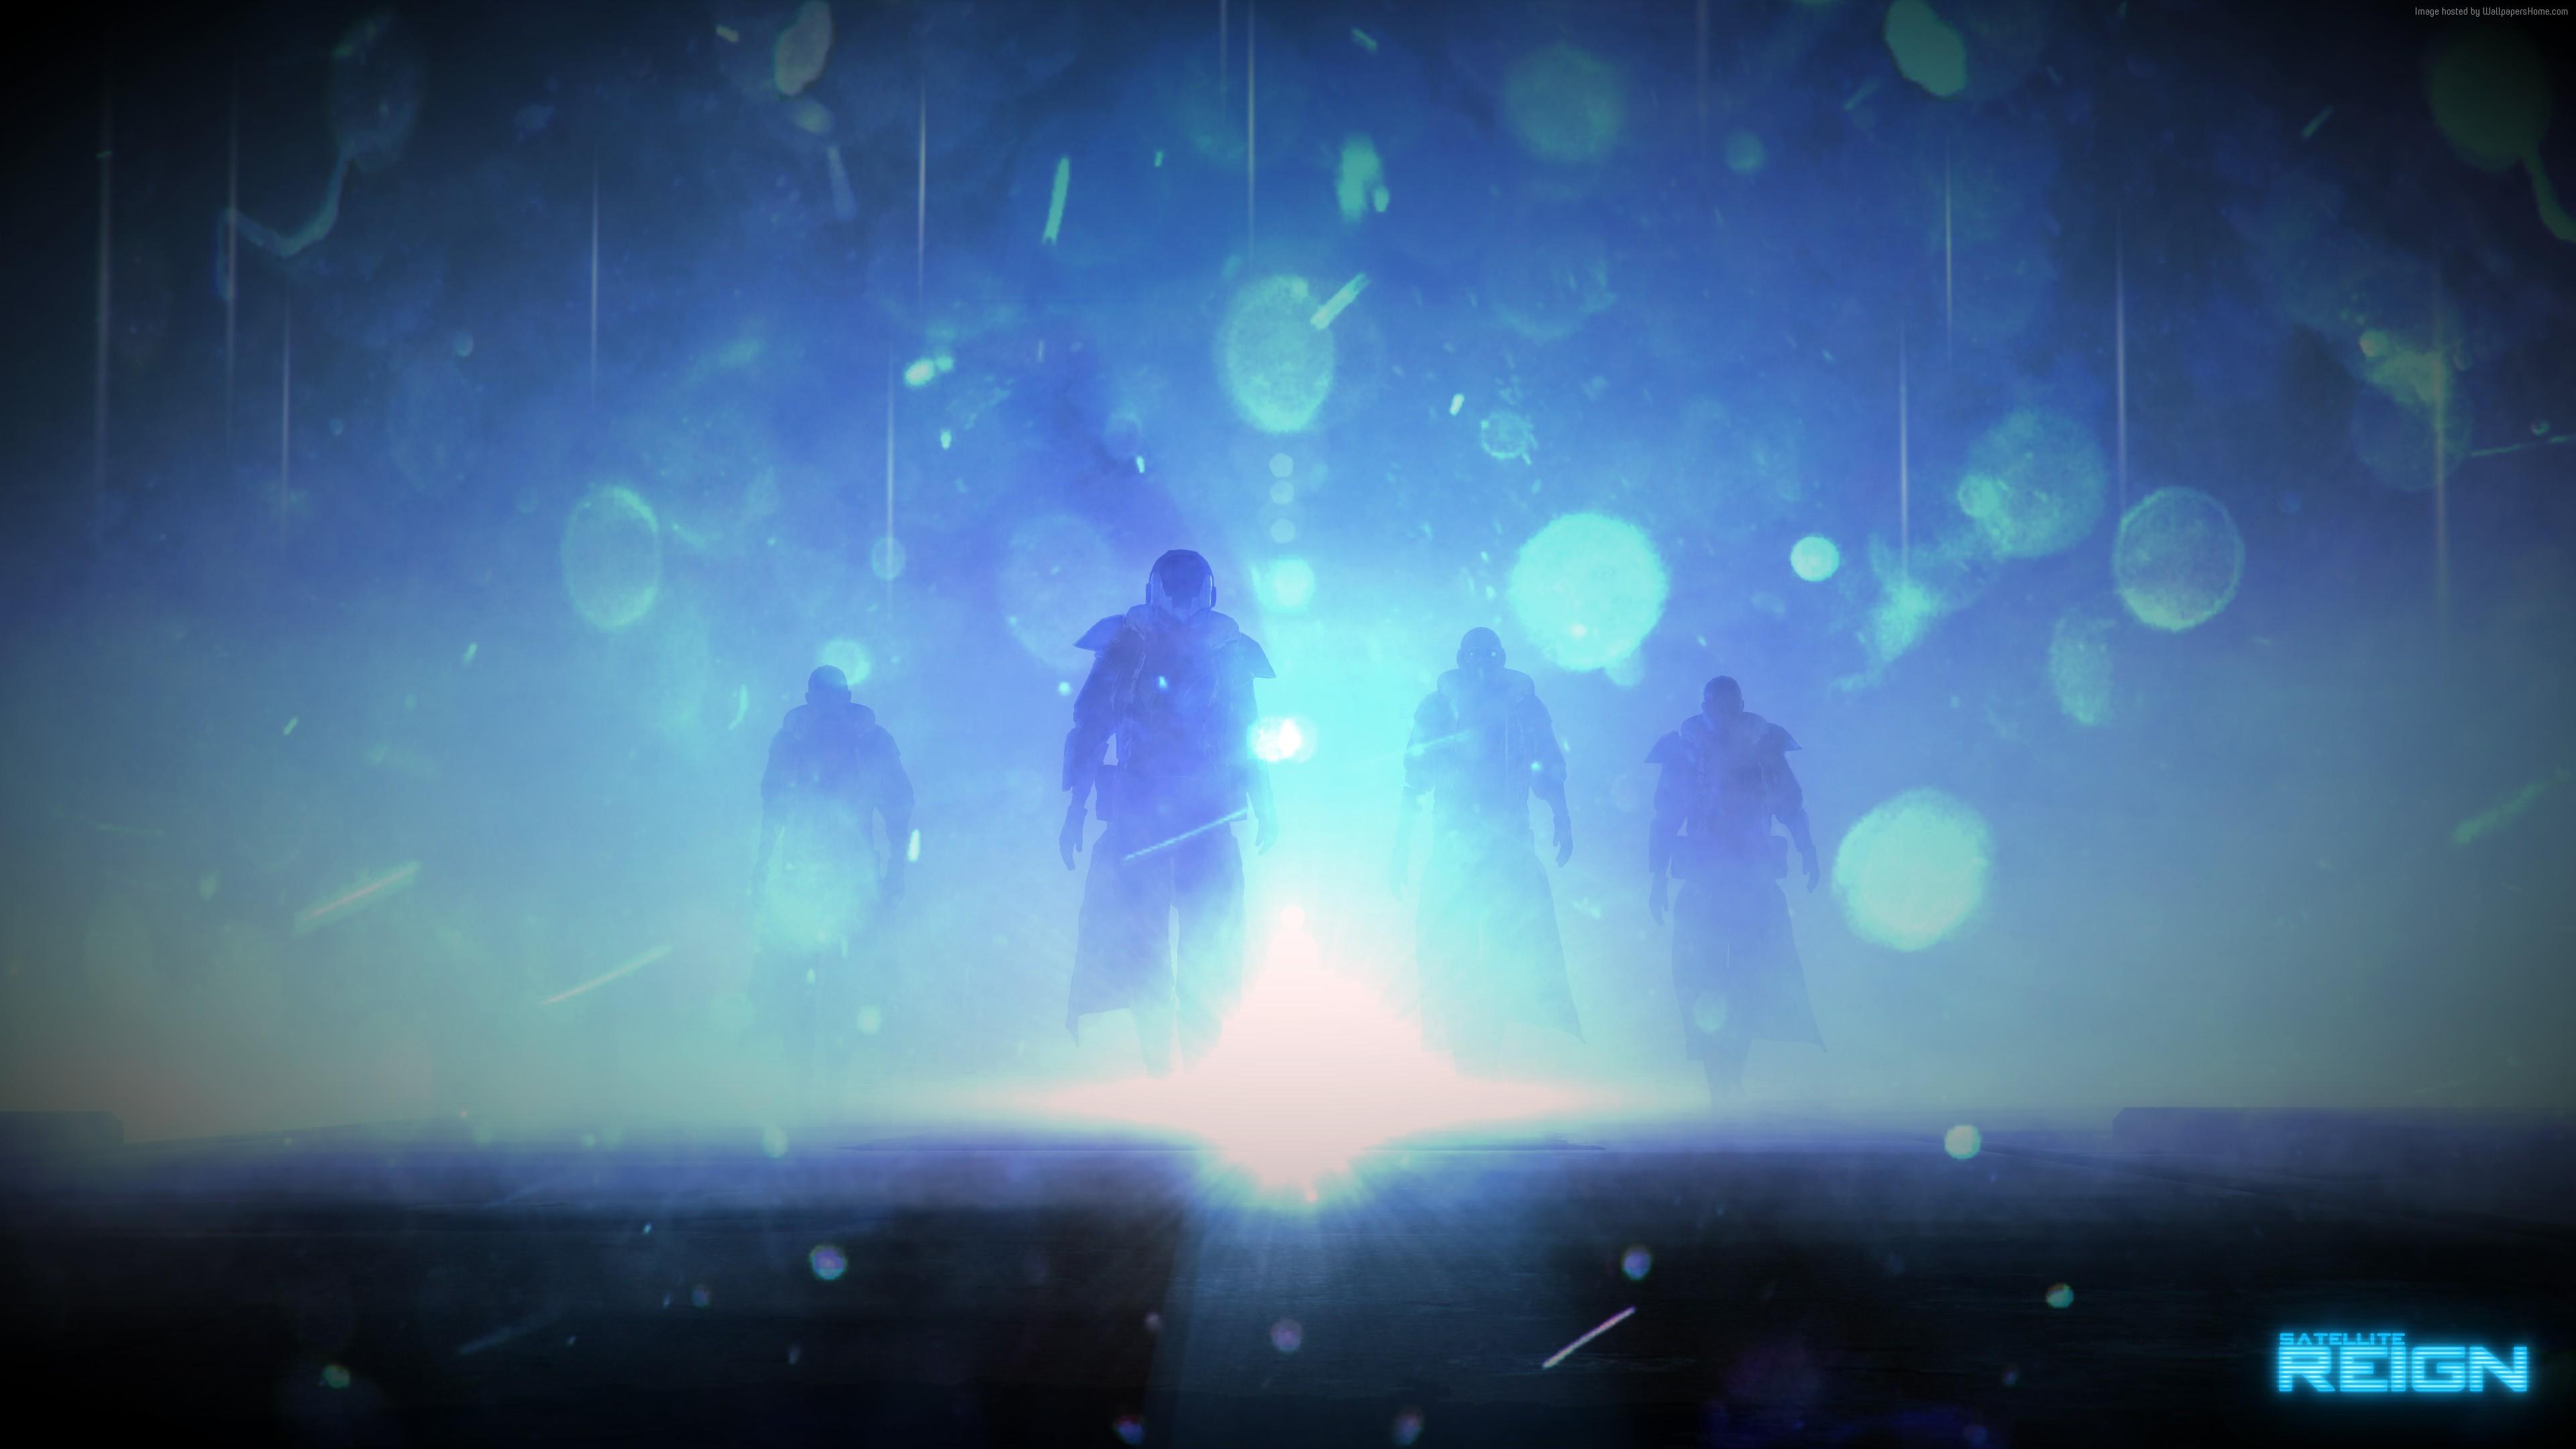 Wallpaper Satellite Reign Game Rpg Tactic Light Blue Bokeh